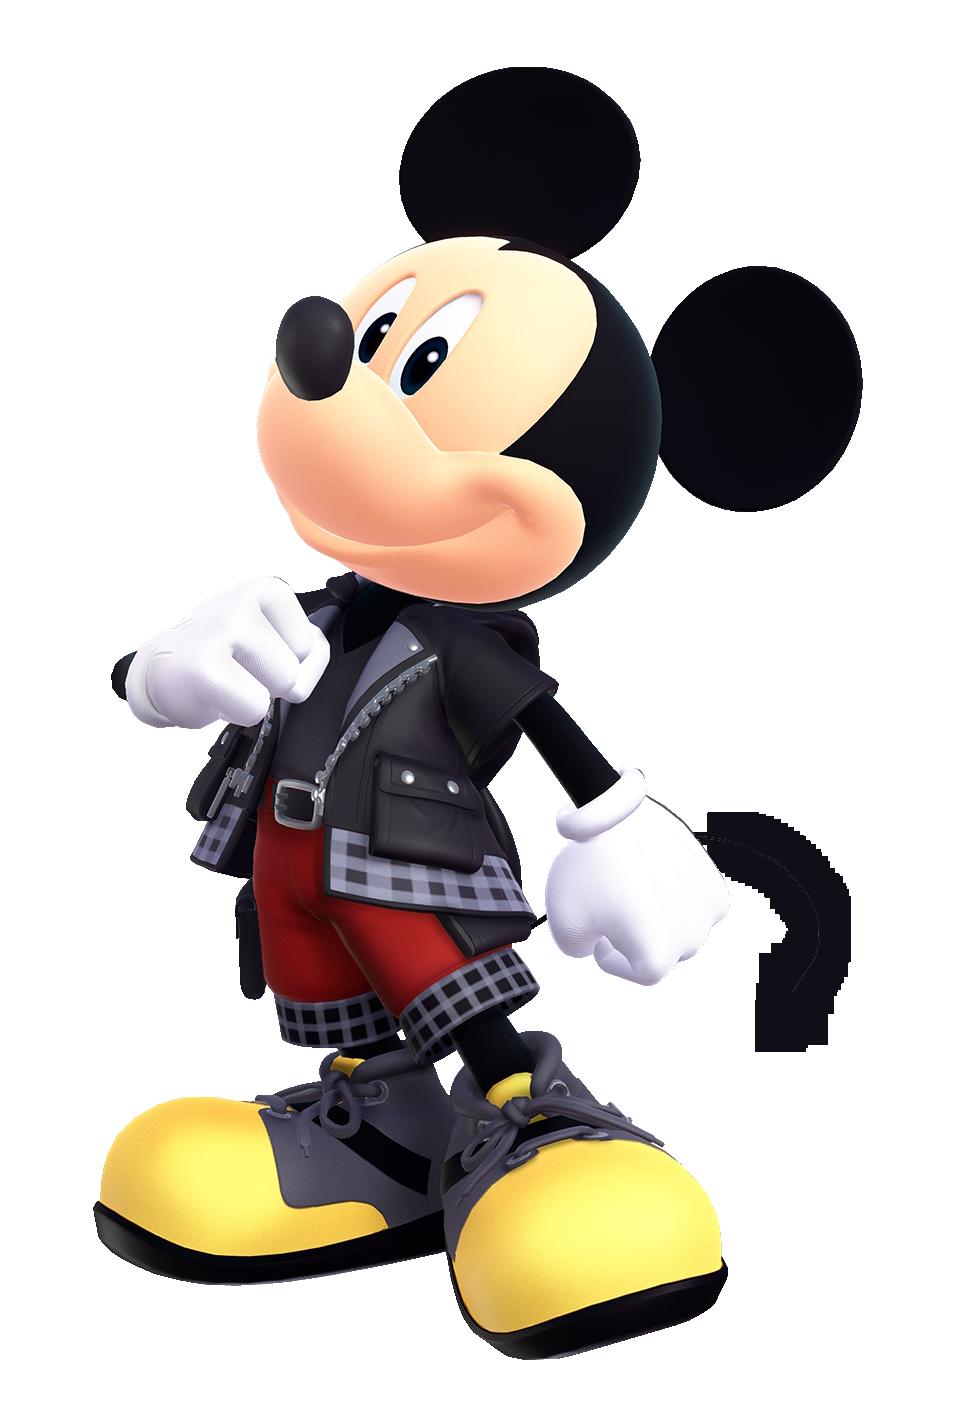 Hình ảnh chuột Mickey mặc đồ năng động